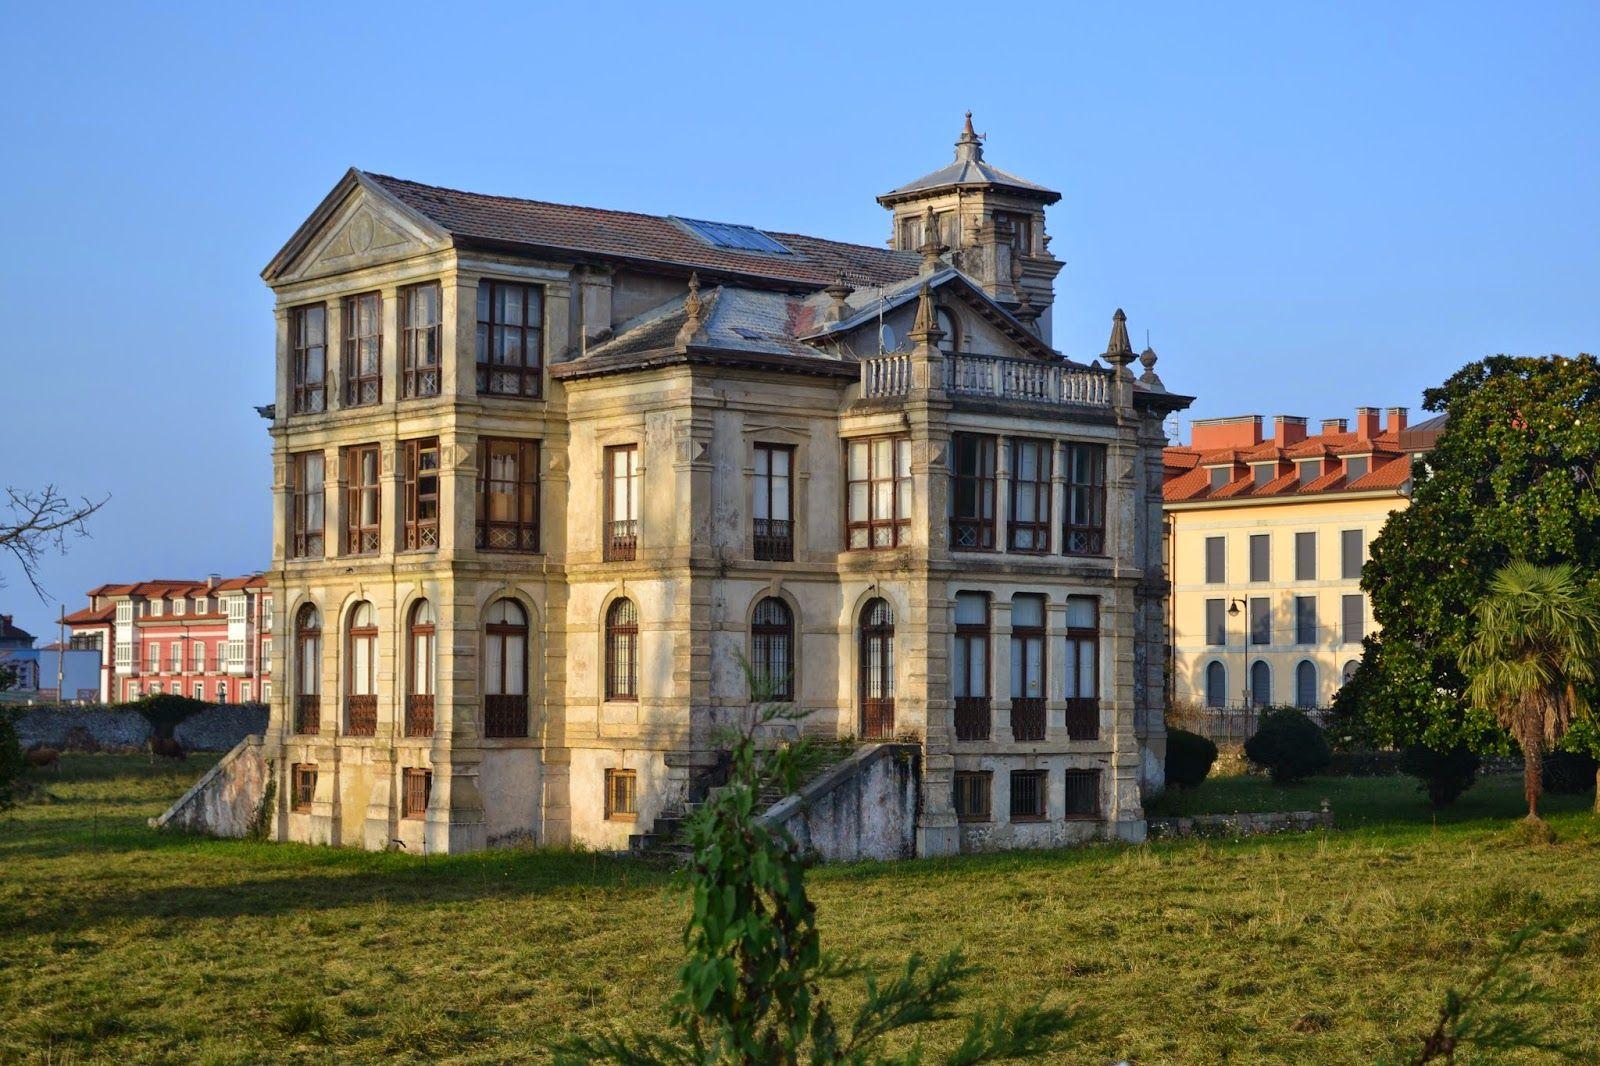 Villa parres o palacio de partarr u llanes casa de la pel cula el orfanato asturias - Casa de asturias madrid ...